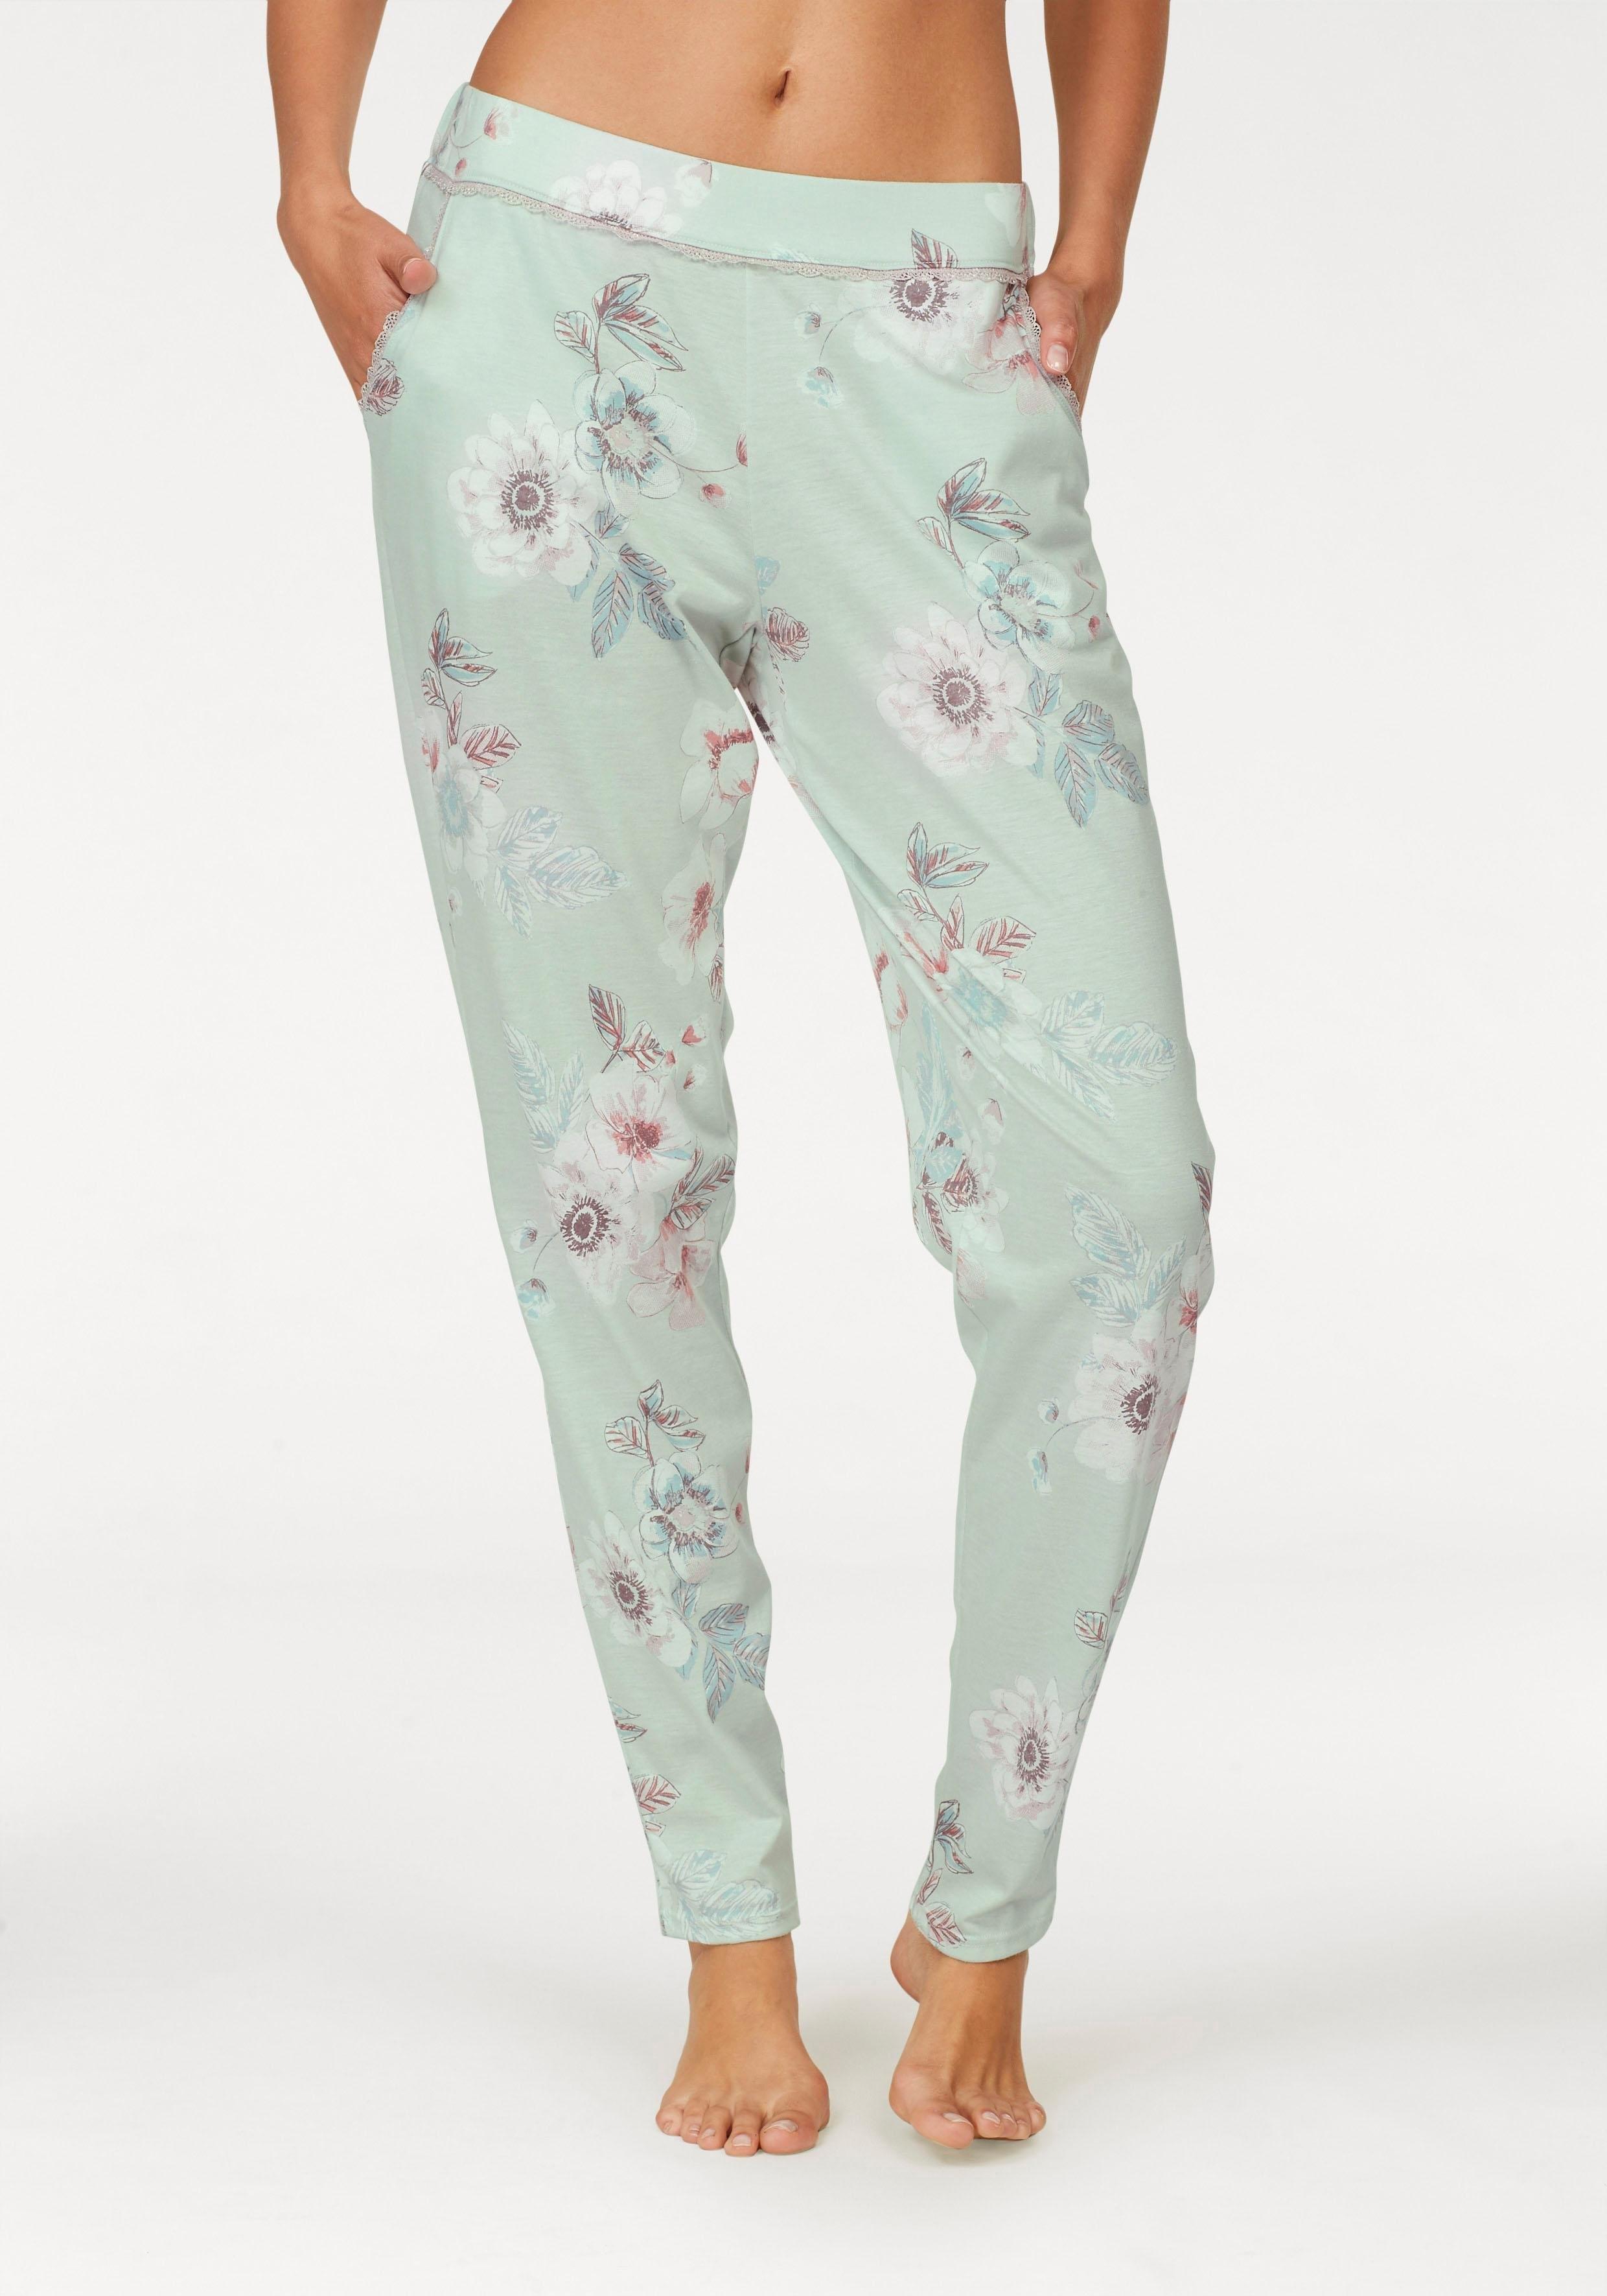 Calida gebloemde pyjamabroek met kanten randje bestellen: 14 dagen bedenktijd